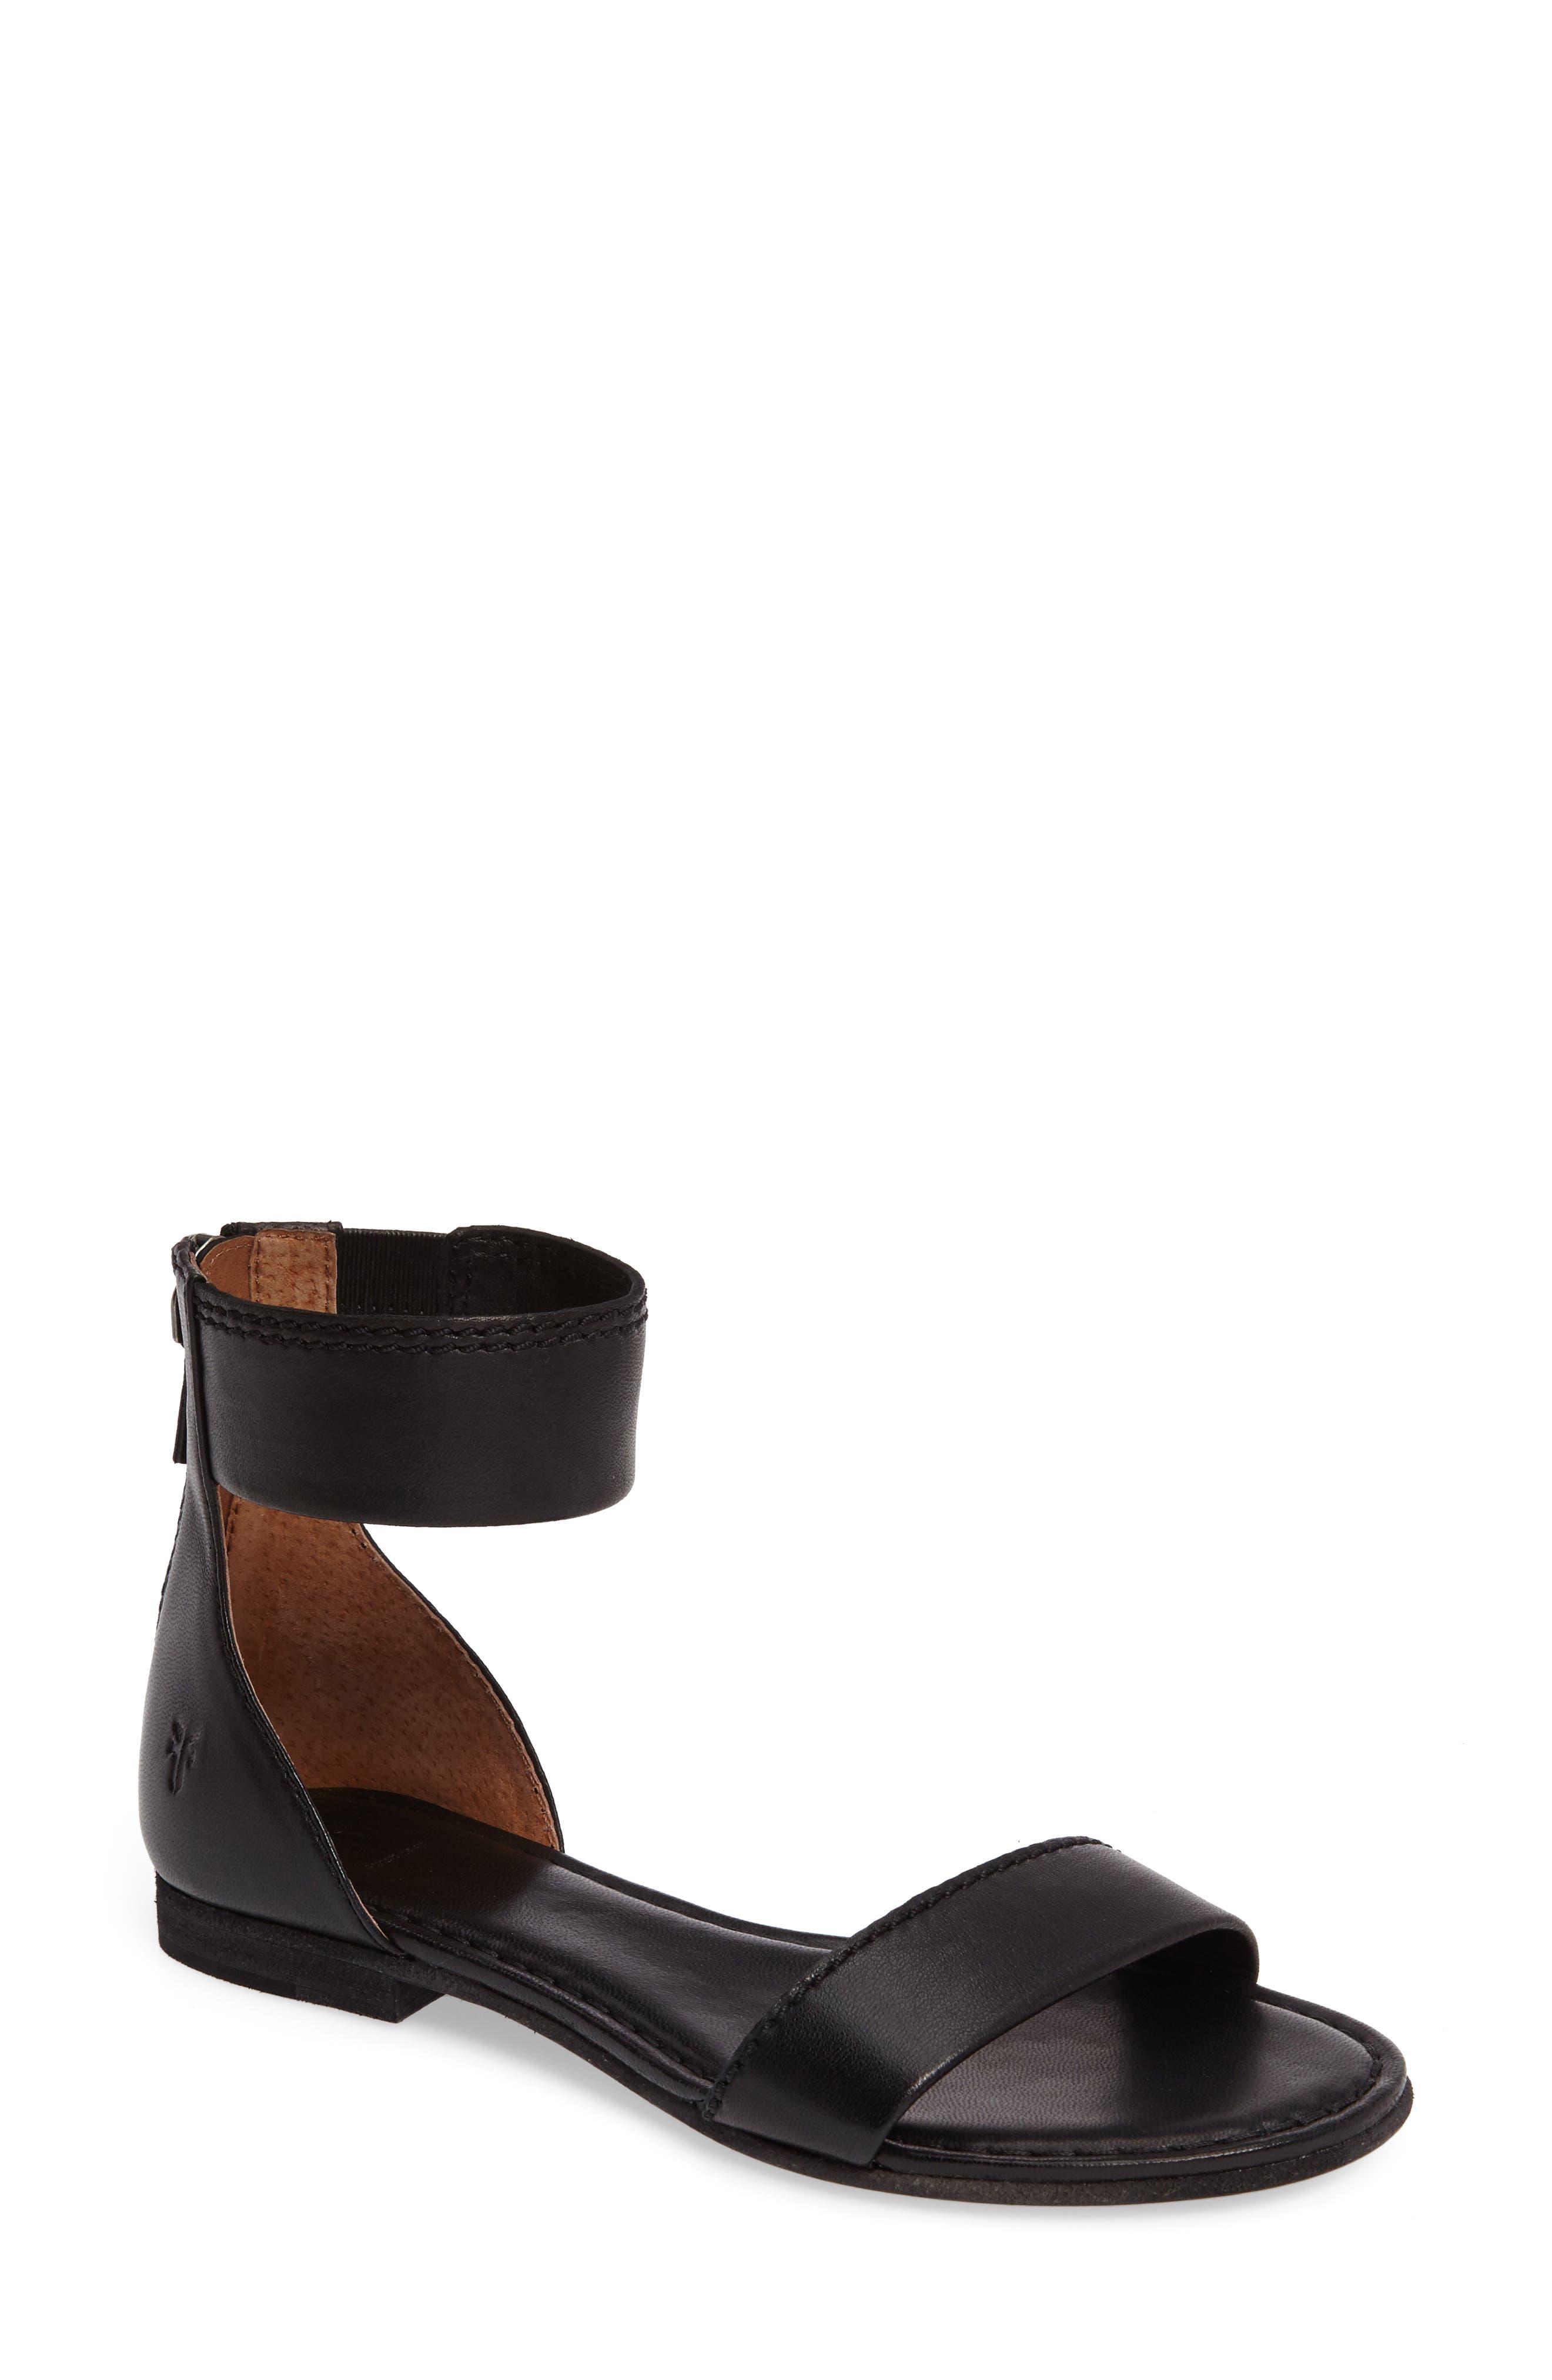 Carson Ankle Strap Sandal,                         Main,                         color, 001